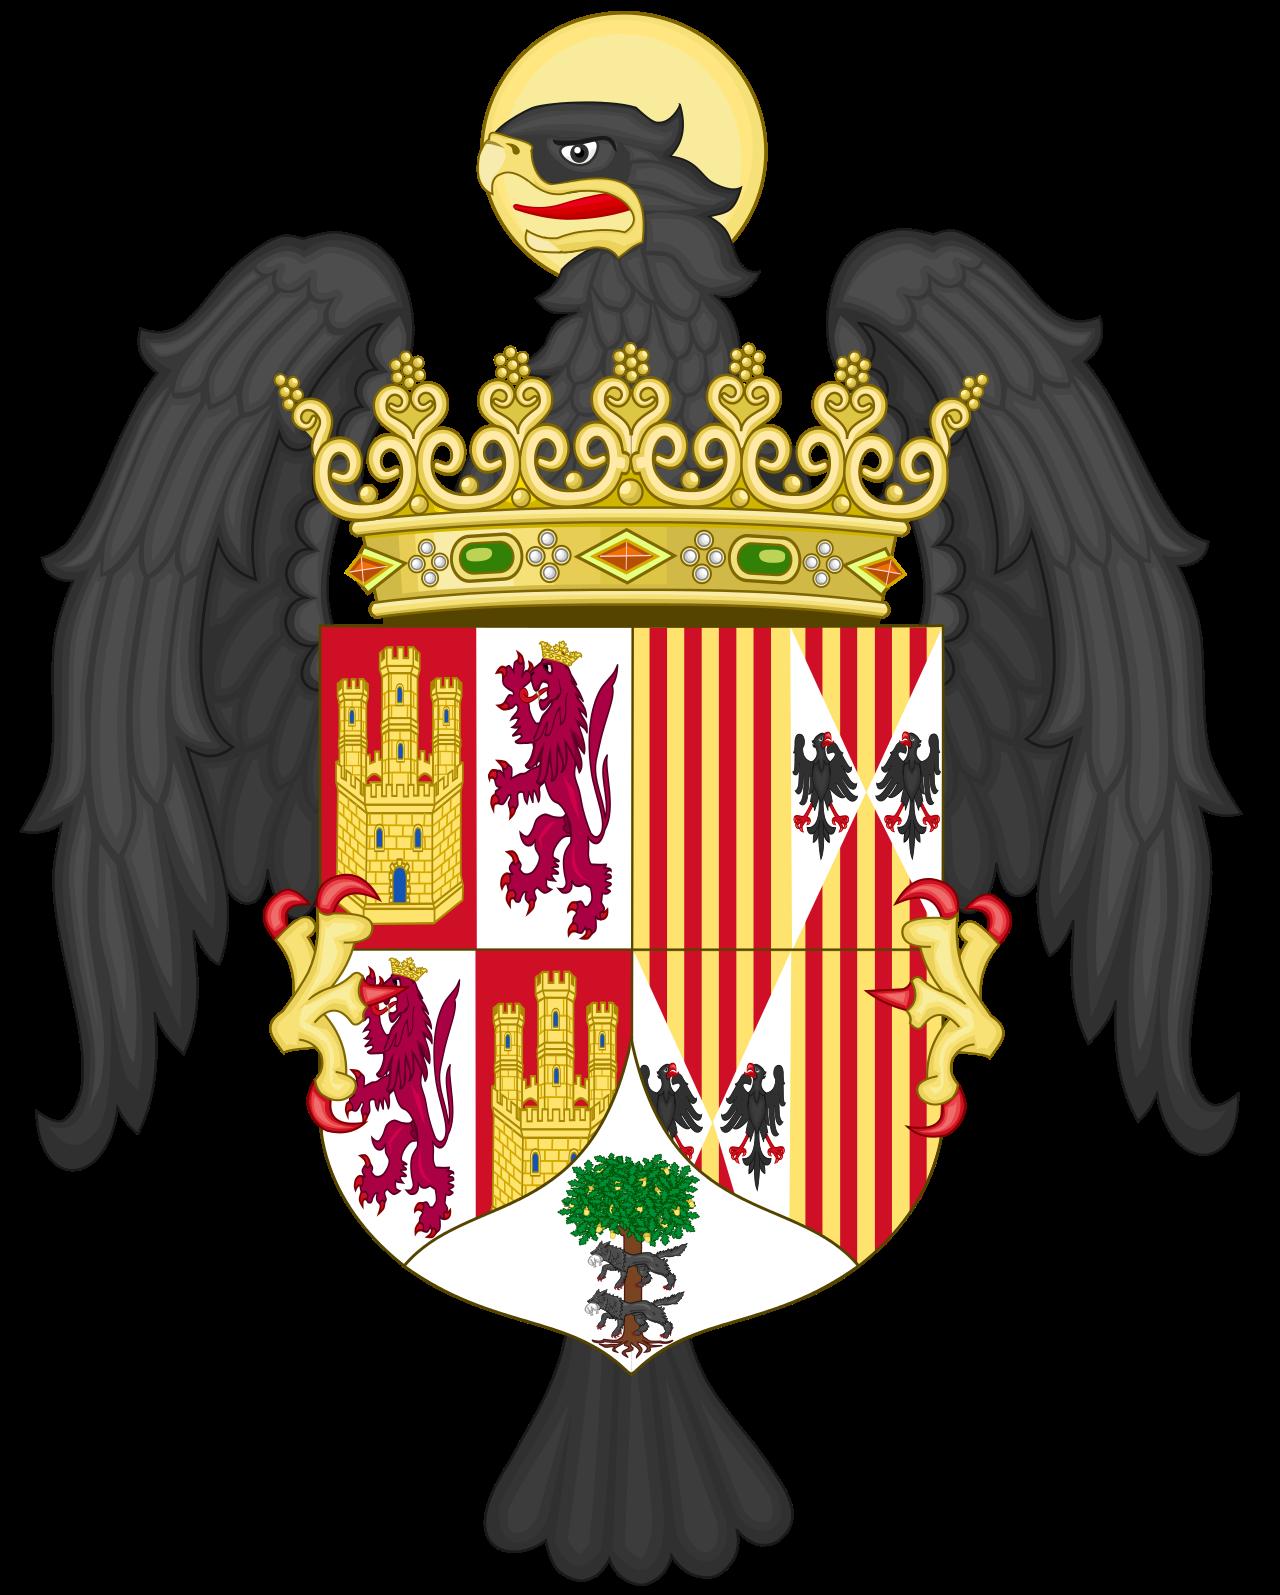 águila De San Juan Wikipedia La Enciclopedia Libre Escudo Nobiliario Escudo De Armas Escudo